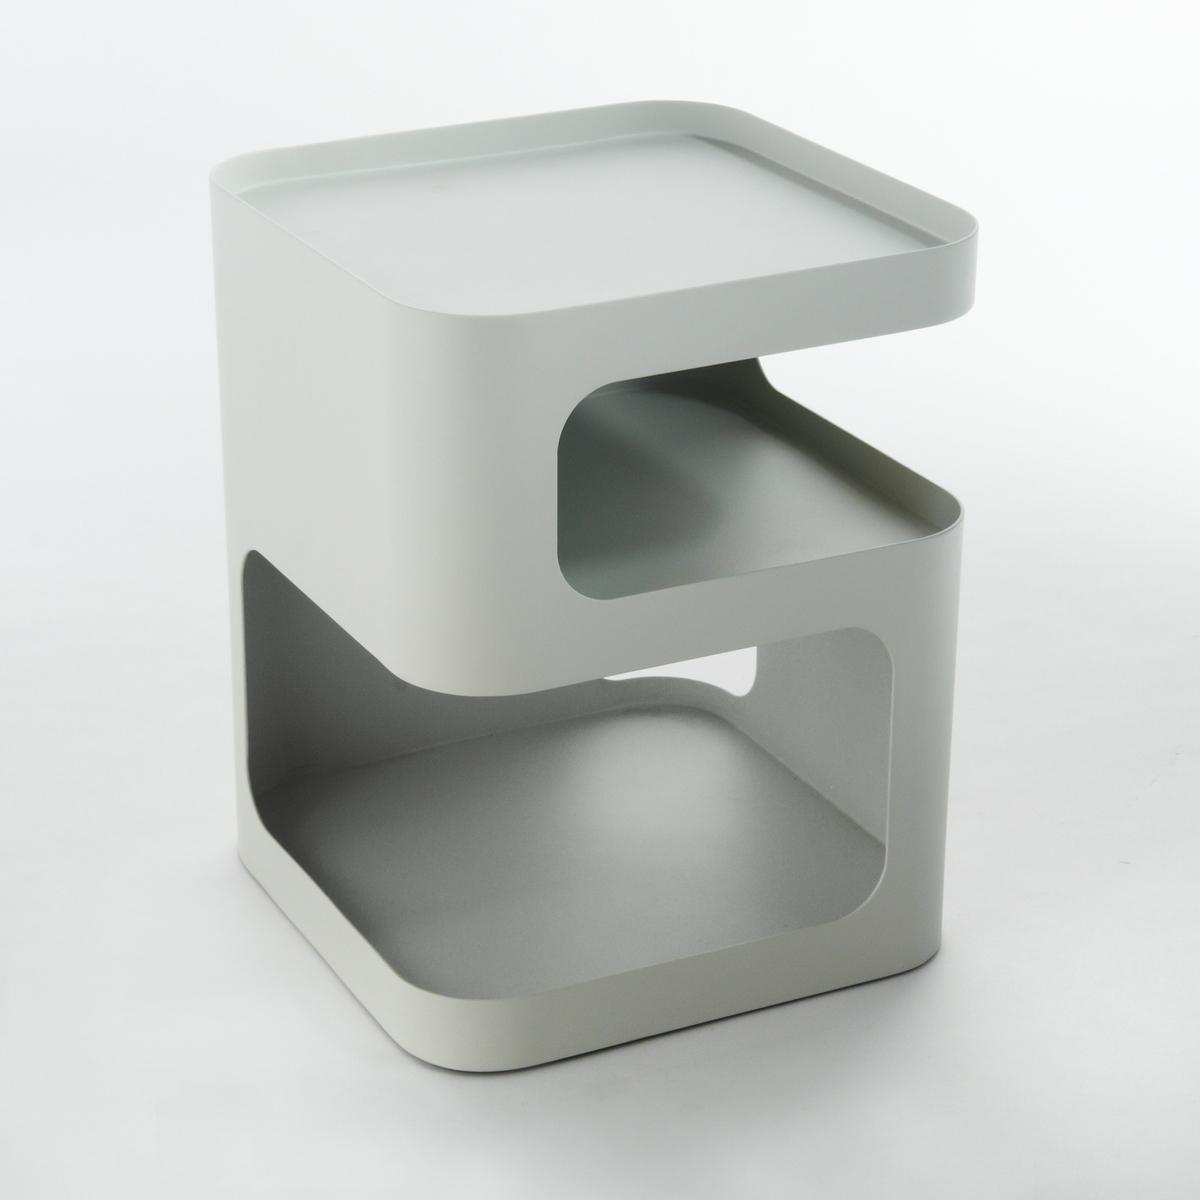 Прикроватная тумба из металла, SandovalХарактеристики: : - Металл с серой матовой покраскойРазмеры: - 40 x 50 x 40 см .Размеры и вес упаковки : - Ш47 x В59 x Г47 см, 23,69 кг<br><br>Цвет: серый,черный